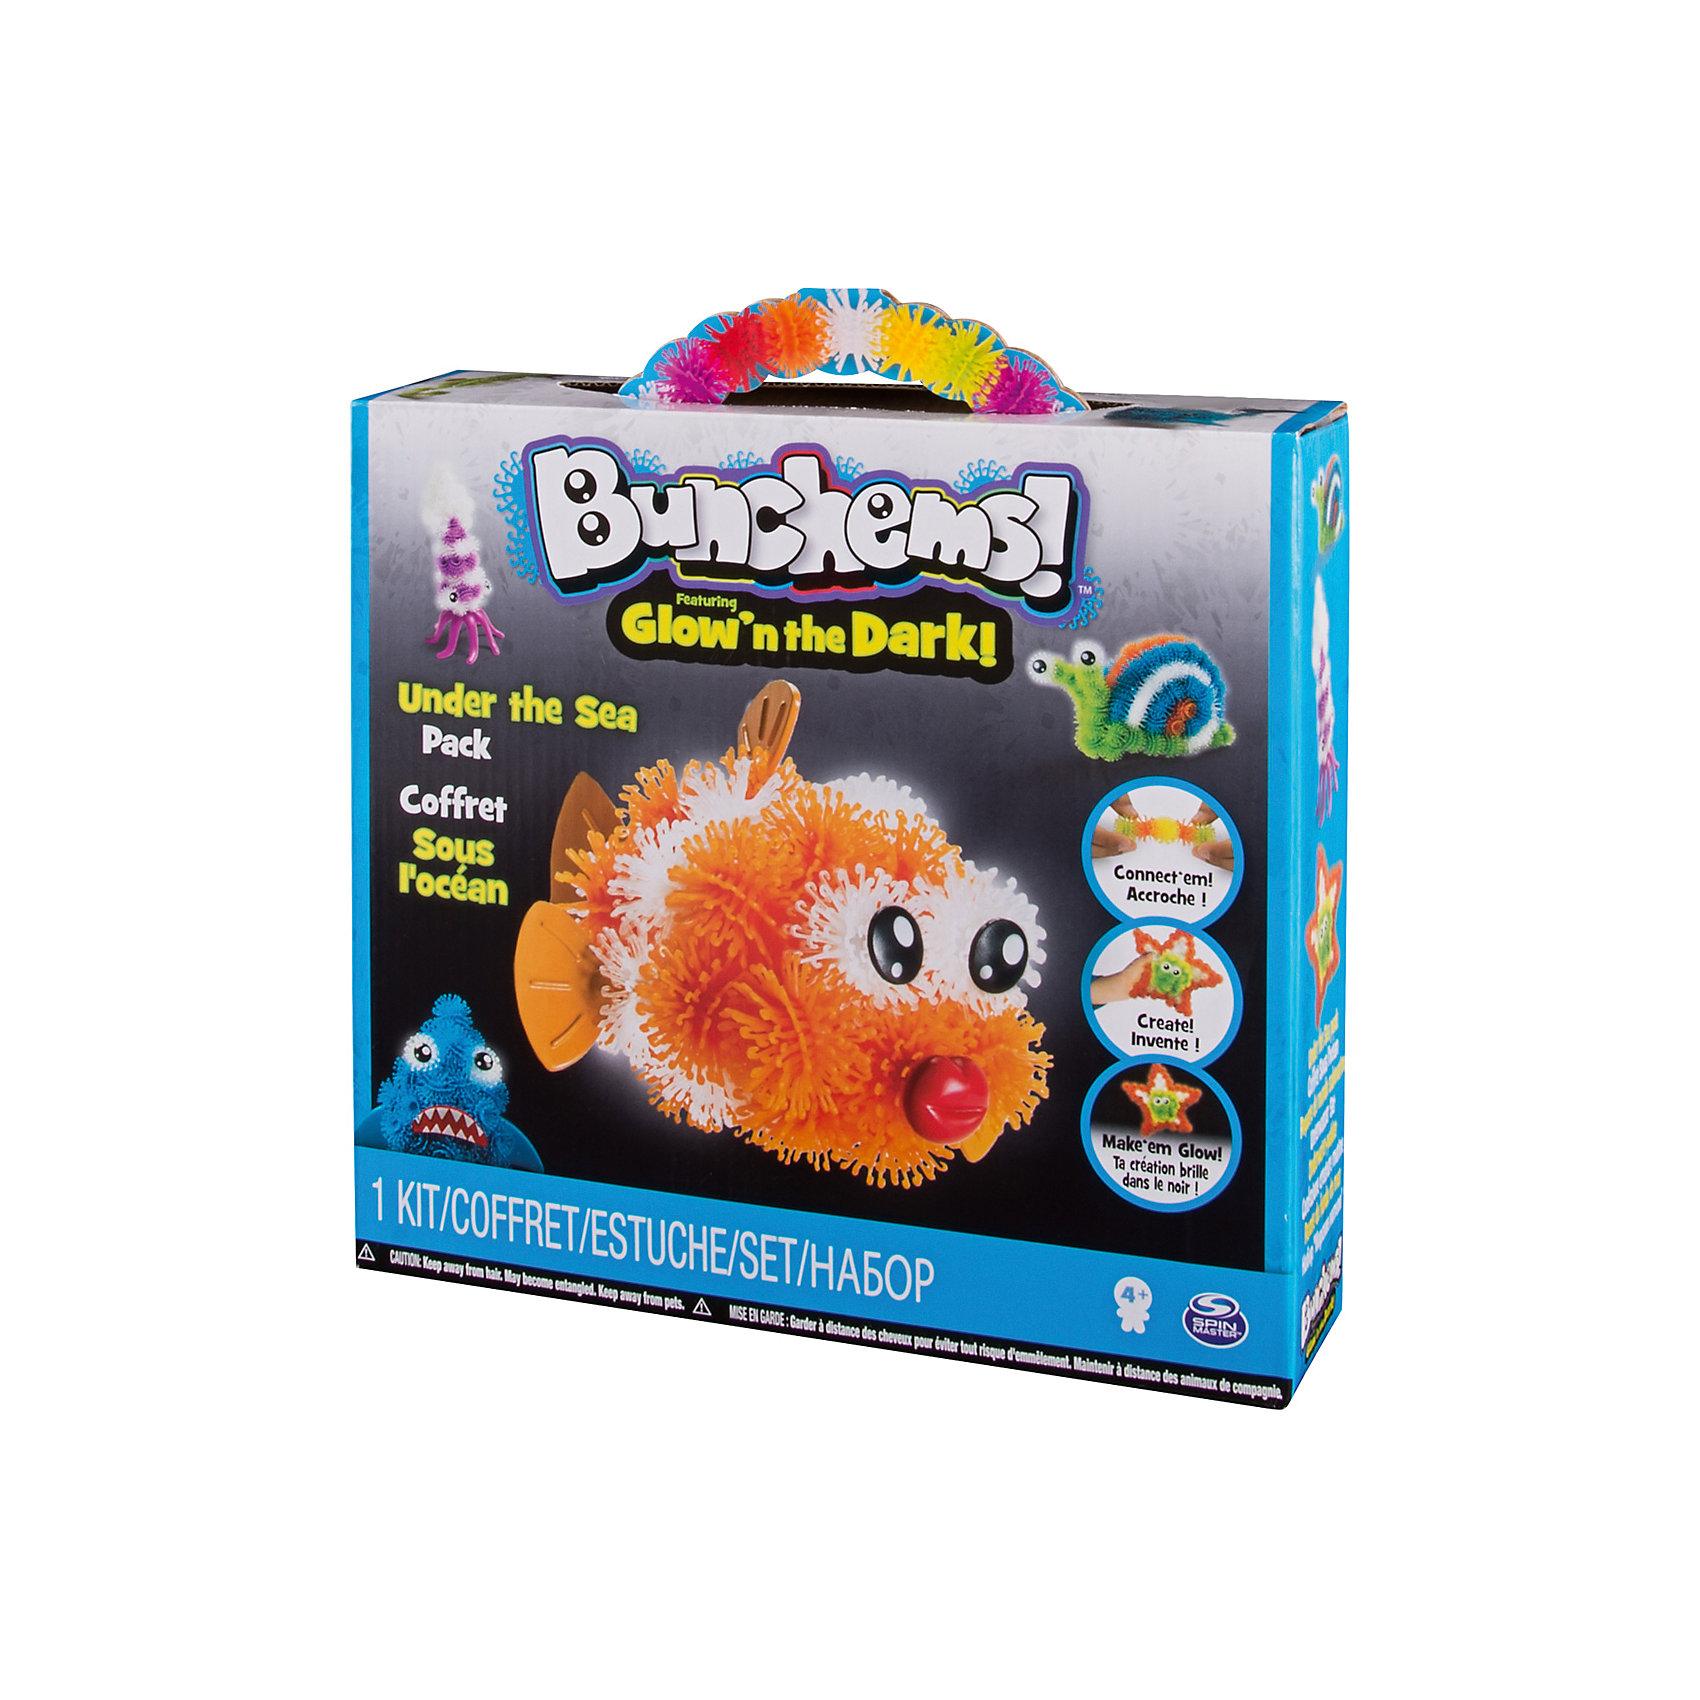 Тематический набор Рыбка (светится в темноте), BunchemsТематический набор Рыбка (светится в темноте), Bunchems (Банчемс).<br><br>Характеристики:<br><br>- Возраст: от 4 лет<br>- Для мальчиков и девочек<br>- В наборе: 40 светящихся в темноте белых шариков Bunchems, 40 синих шариков Bunchems, 40 фиолетовых шариков Bunchems, 40 оранжевых шариков Bunchems, 40 зеленых шариков Bunchems, 10 аксессуаров для создания фигурок морских животных (плавники, глаза, хвосты и т.д.), подробная инструкция со схемами сборки<br>- Диаметр шарика Bunchems: 2 см.<br>- Материал: мягкий качественный нетоксичный пластик, окрашенный в яркие цвета гипоаллергенными красителями<br>- Упаковка: картонная коробка с ручкой<br>- Размер упаковки: 28х25х7 см.<br><br>С помощью набора Bunchems (Банчемс) Рыбка ваш ребенок соберет фигурки 4 подводных обитателей – кальмара, акулу, рыбку, улитку - схемы сборки, для которых представлены в инструкции. А также, применив свою фантазию и воображение, множество других фигурок. Фигурки получатся яркими и интересными, а дополнительные аксессуары сделают их более забавными. Элементы набора - шарики - с помощью мини-крючков легко соединяются между собой и также легко разъединяются, как репейник. В результате горсти таких шариков можно придавать разнообразную форму. Для лучшего сцепления необходимо как можно плотнее прижимать детали. Получившиеся модели не разваливаются, с ними можно играть дома, на улице, в ванной – где угодно! Шарики окрашены в 4 цвета: синий, фиолетовый, оранжевый , зеленый. Еще одна группа шариков – фосфорные белые, благодаря чему готовые поделки светятся в темноте. Выключите лампу и смотрите, как происходят чудеса! Элементы набора выполнены из мягкого безопасного пластика, в центре шариков находятся отверстия для аксессуаров. Набор отлично развивает фантазию и пространственное мышление ребенка. С набором не рекомендуется играть детям младше 4 лет. Перед игрой у девочек волосы следует собрать в хвост или в пучок во избежание запутывания игровых элеме